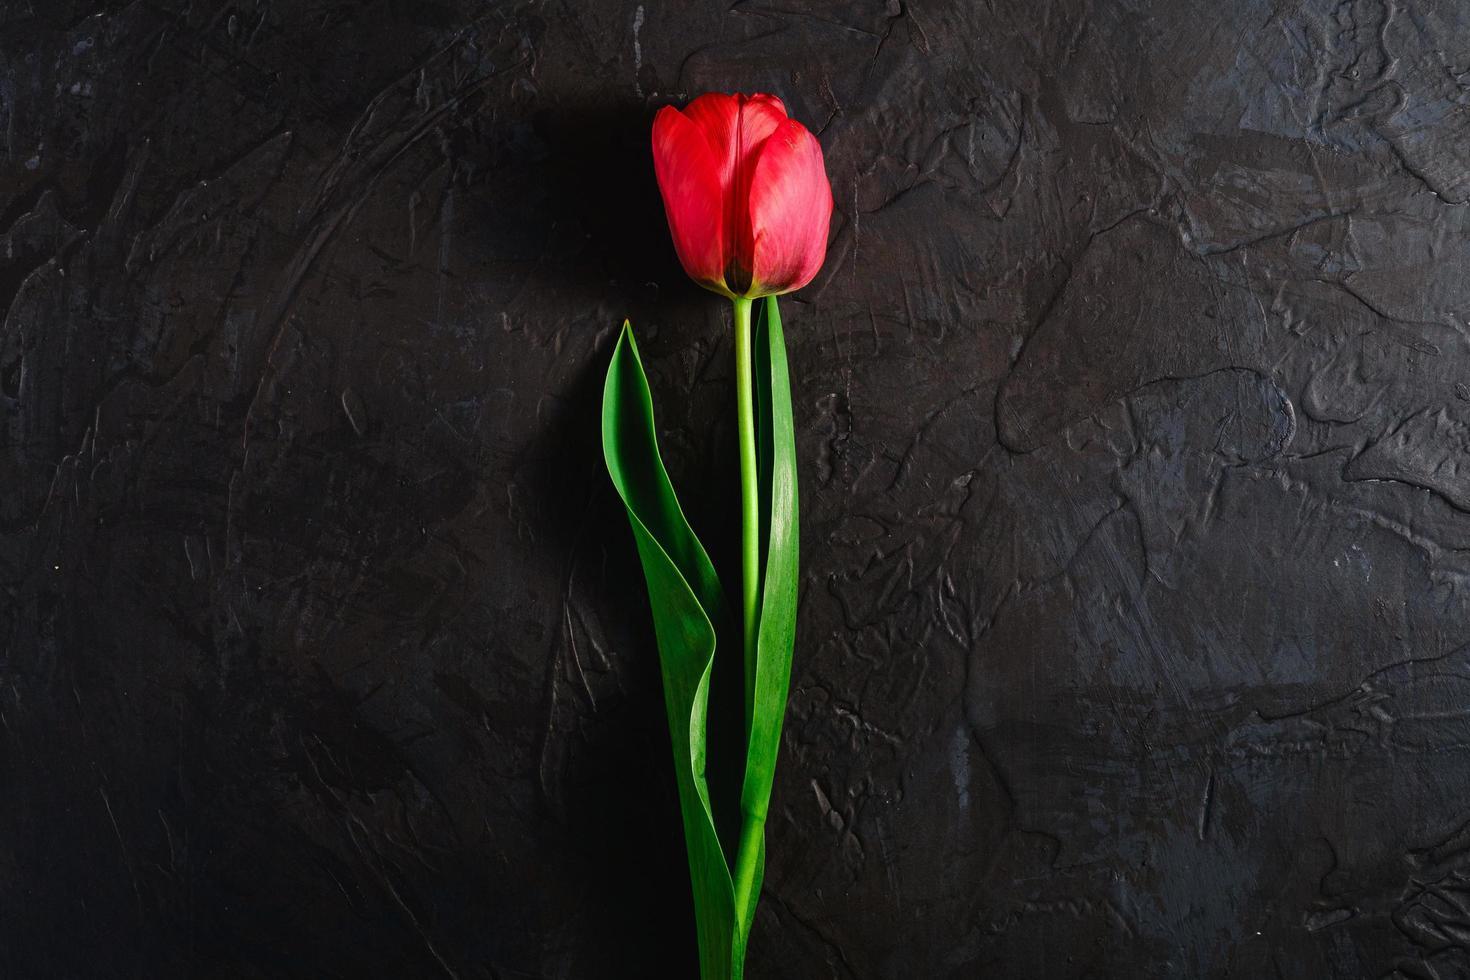 fleur de tulipe rouge unique sur fond noir texturé photo